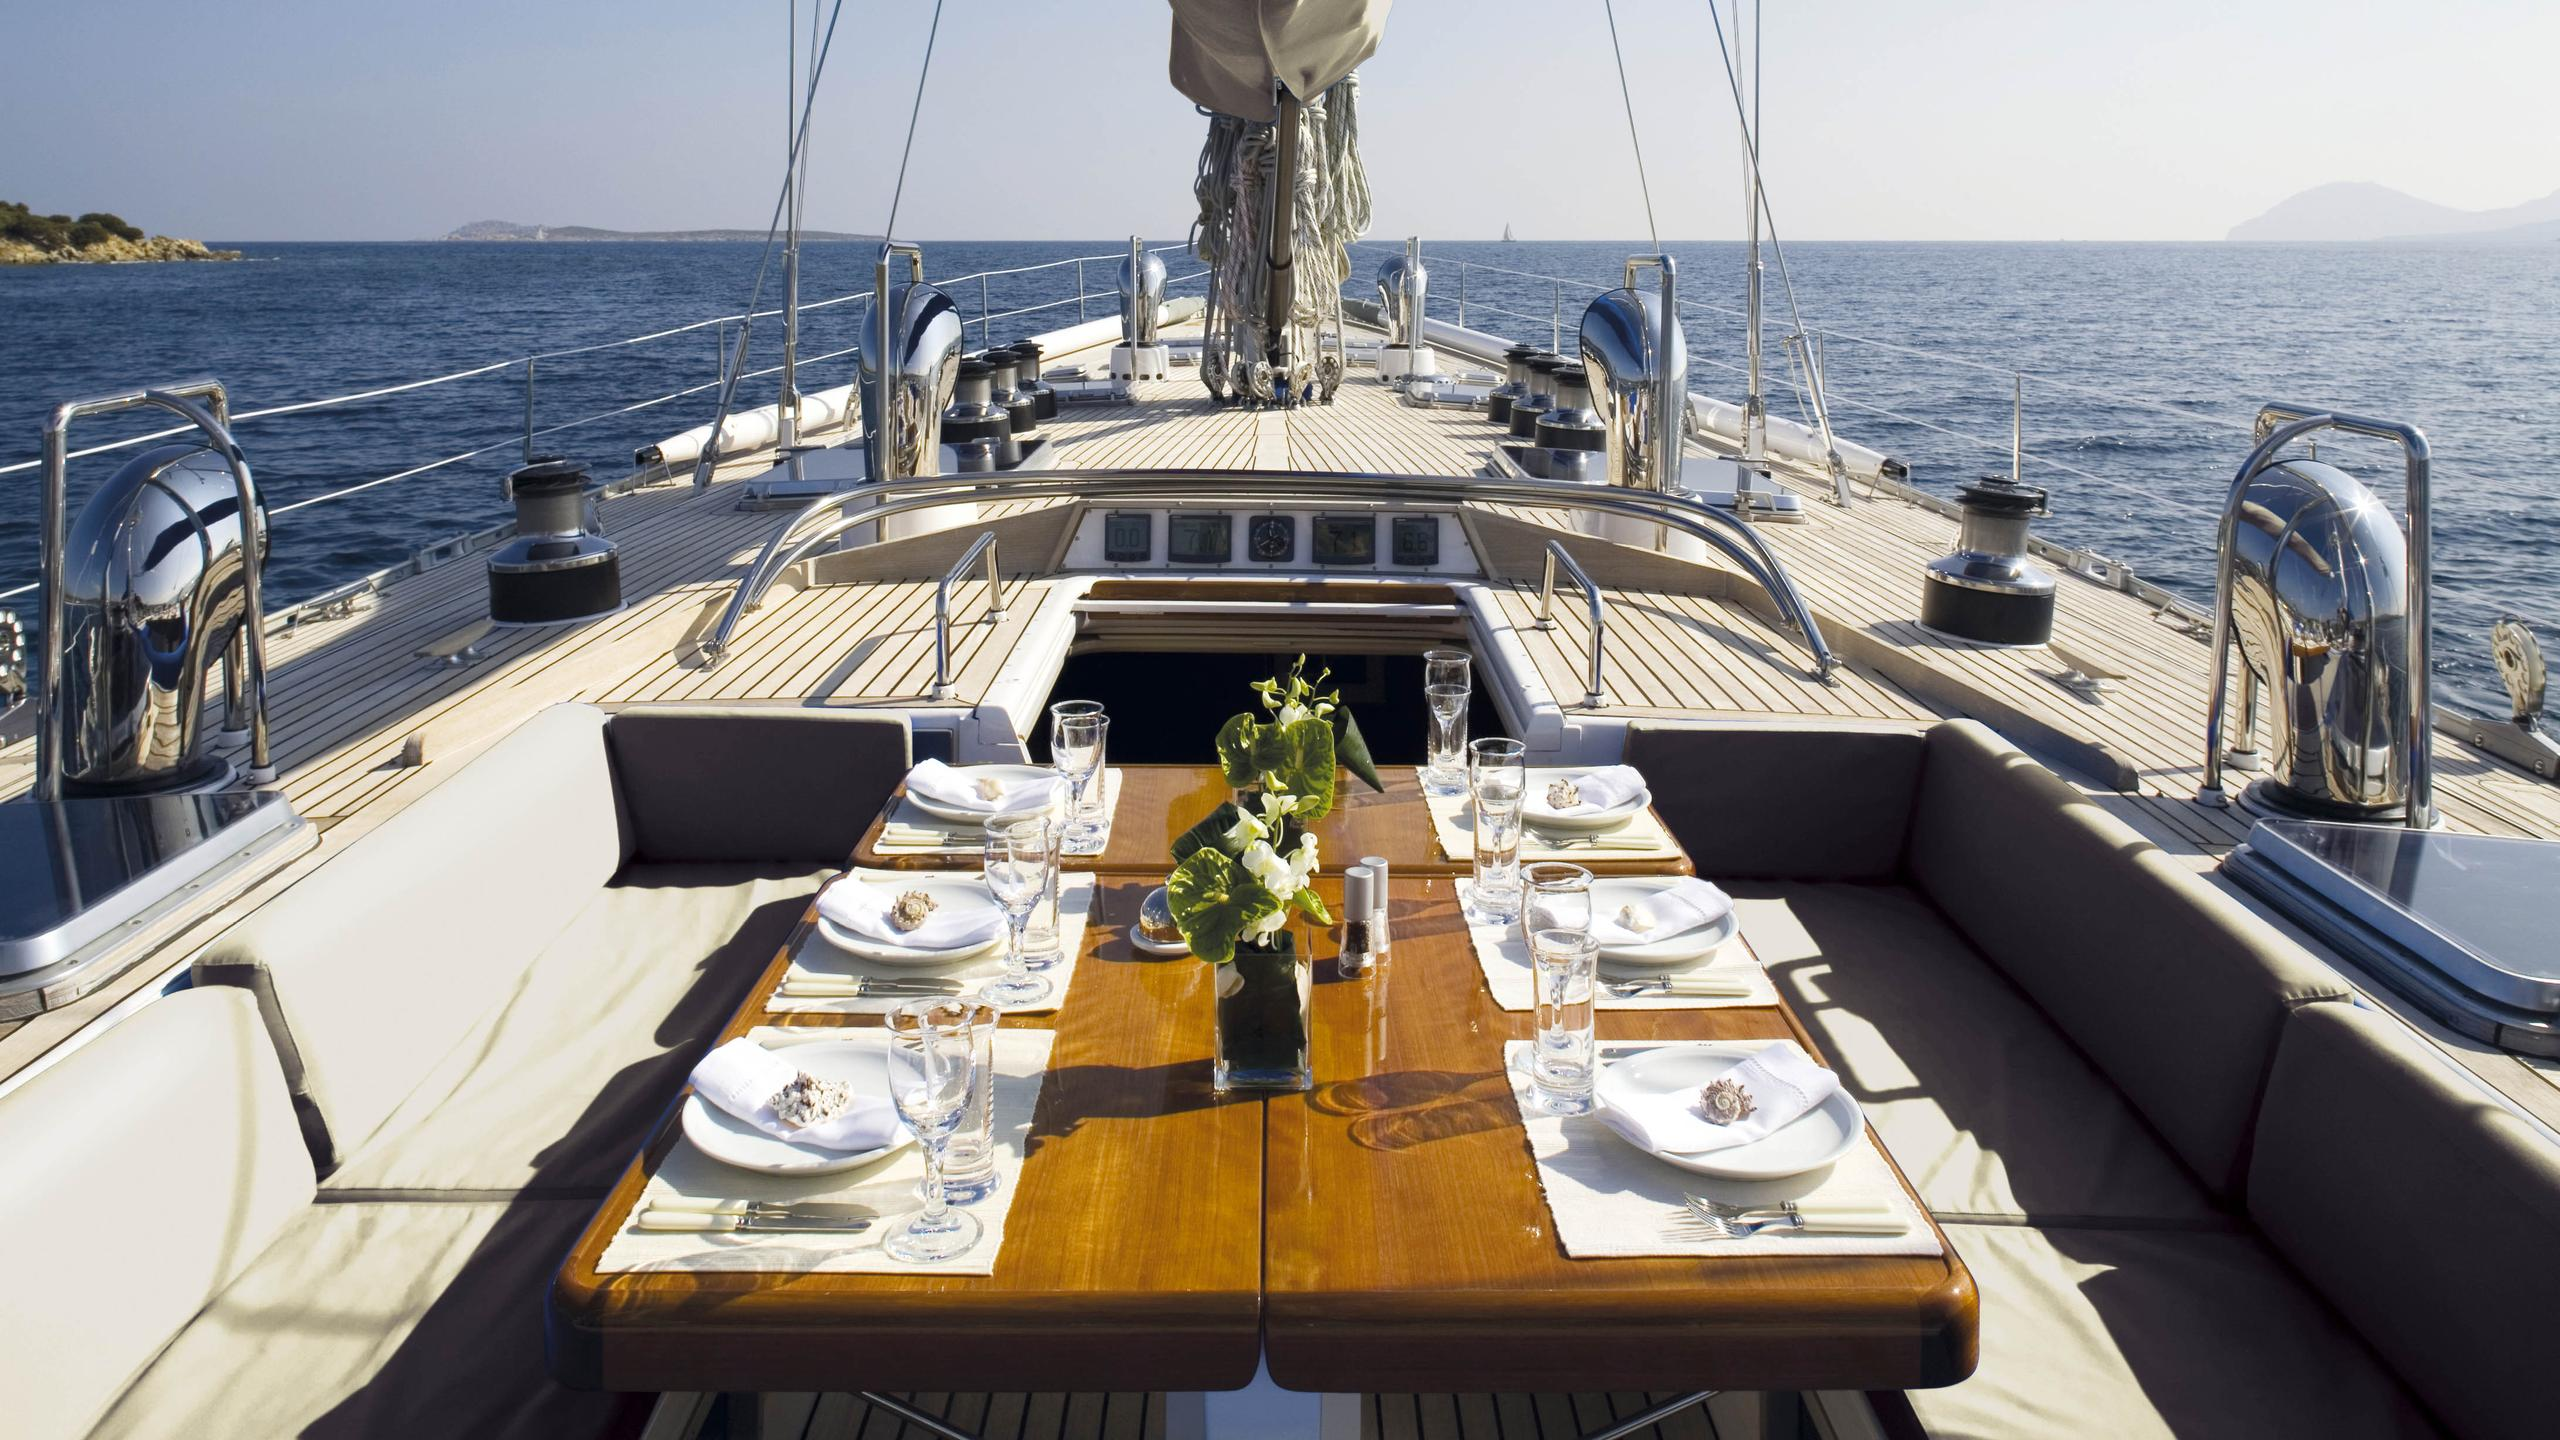 cyclos ii sailing yacht royal huisman 28m 1985 deck